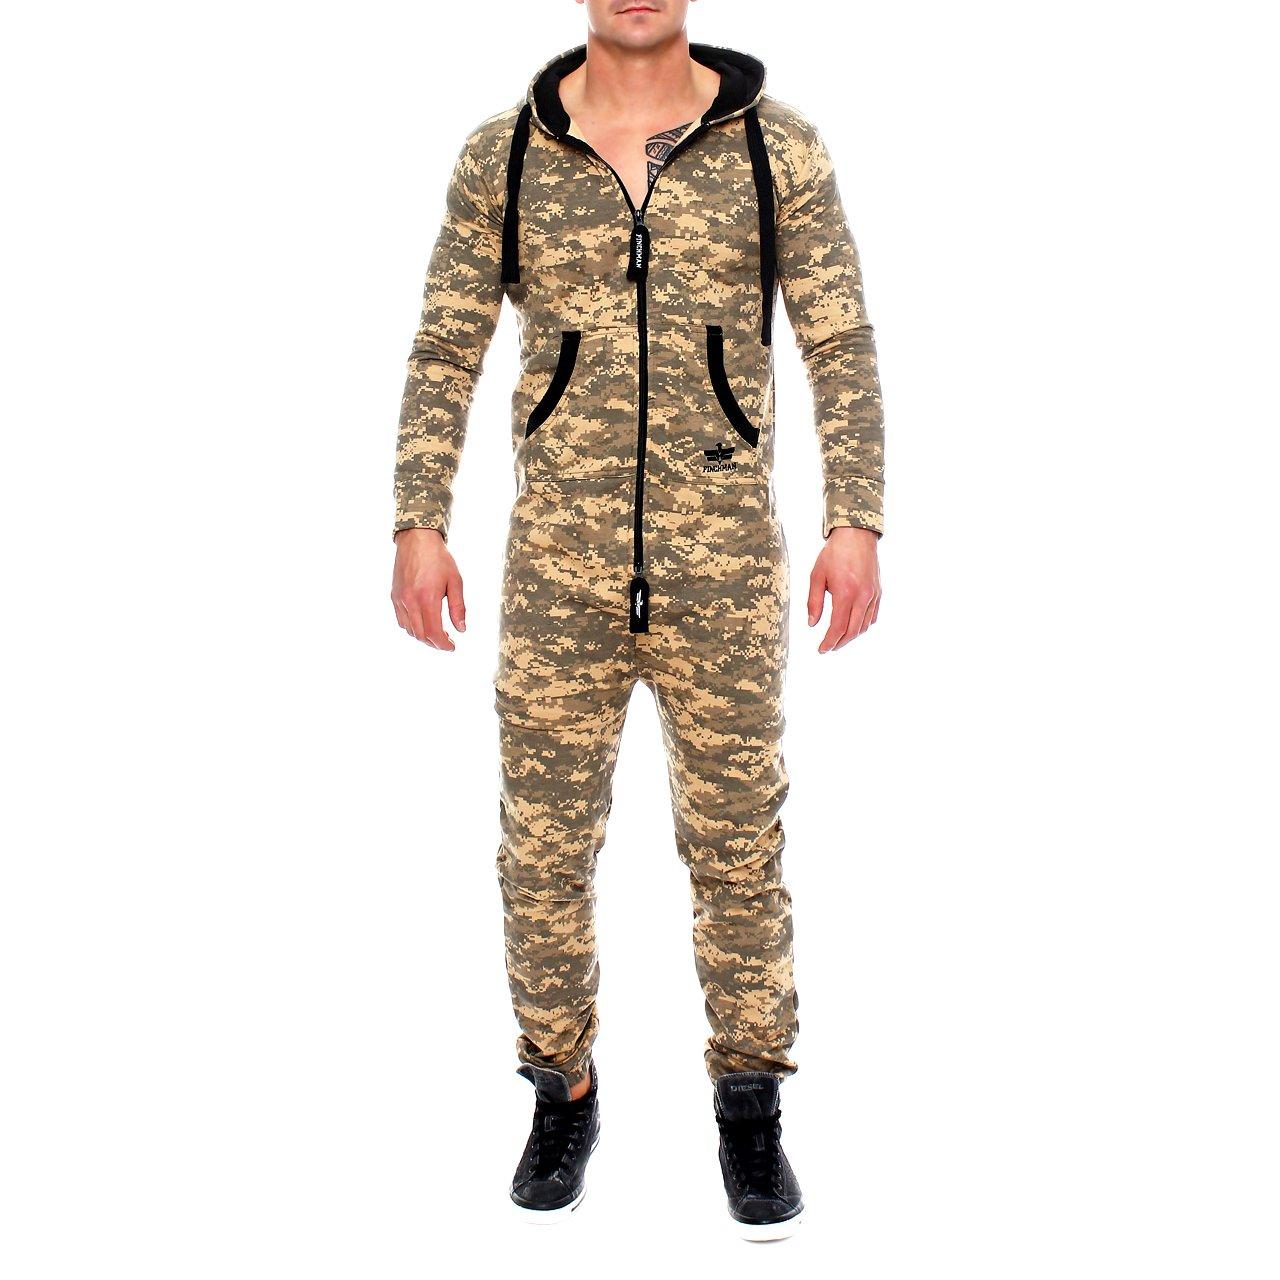 Finchman Men's Camouflage Jumpsuit Jogger Jogging Suit Tracksuit Jumpsuit